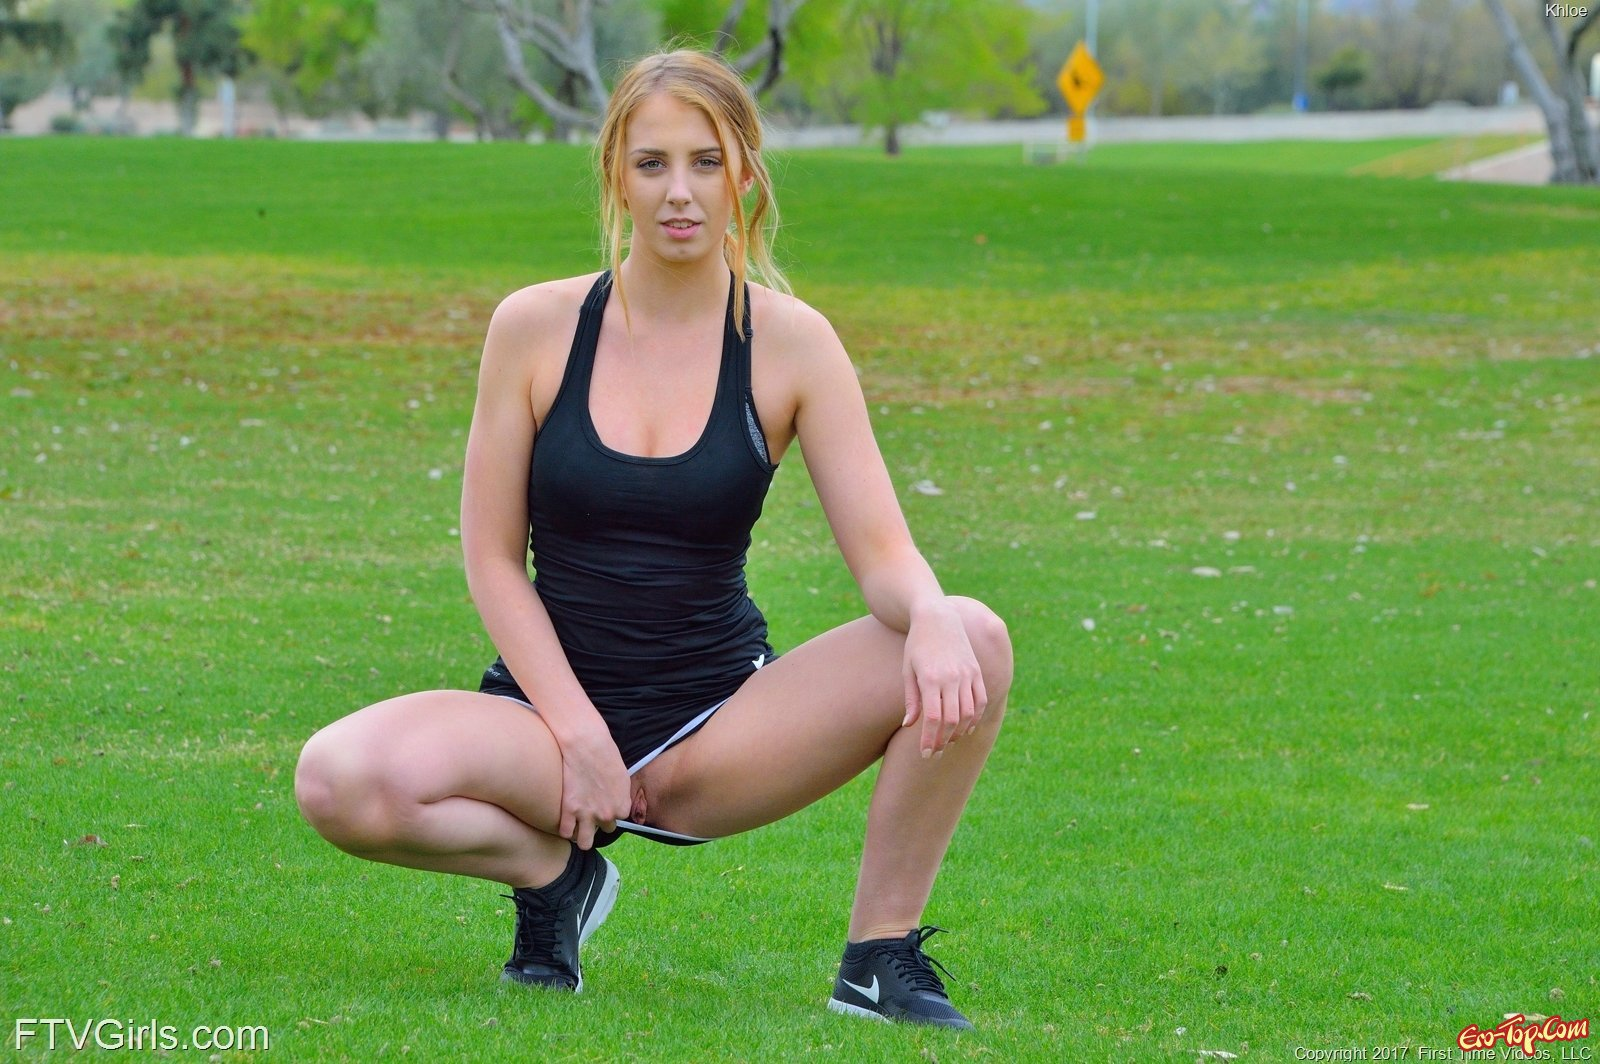 Сексуальная спортсменка разделась на газоне в парке